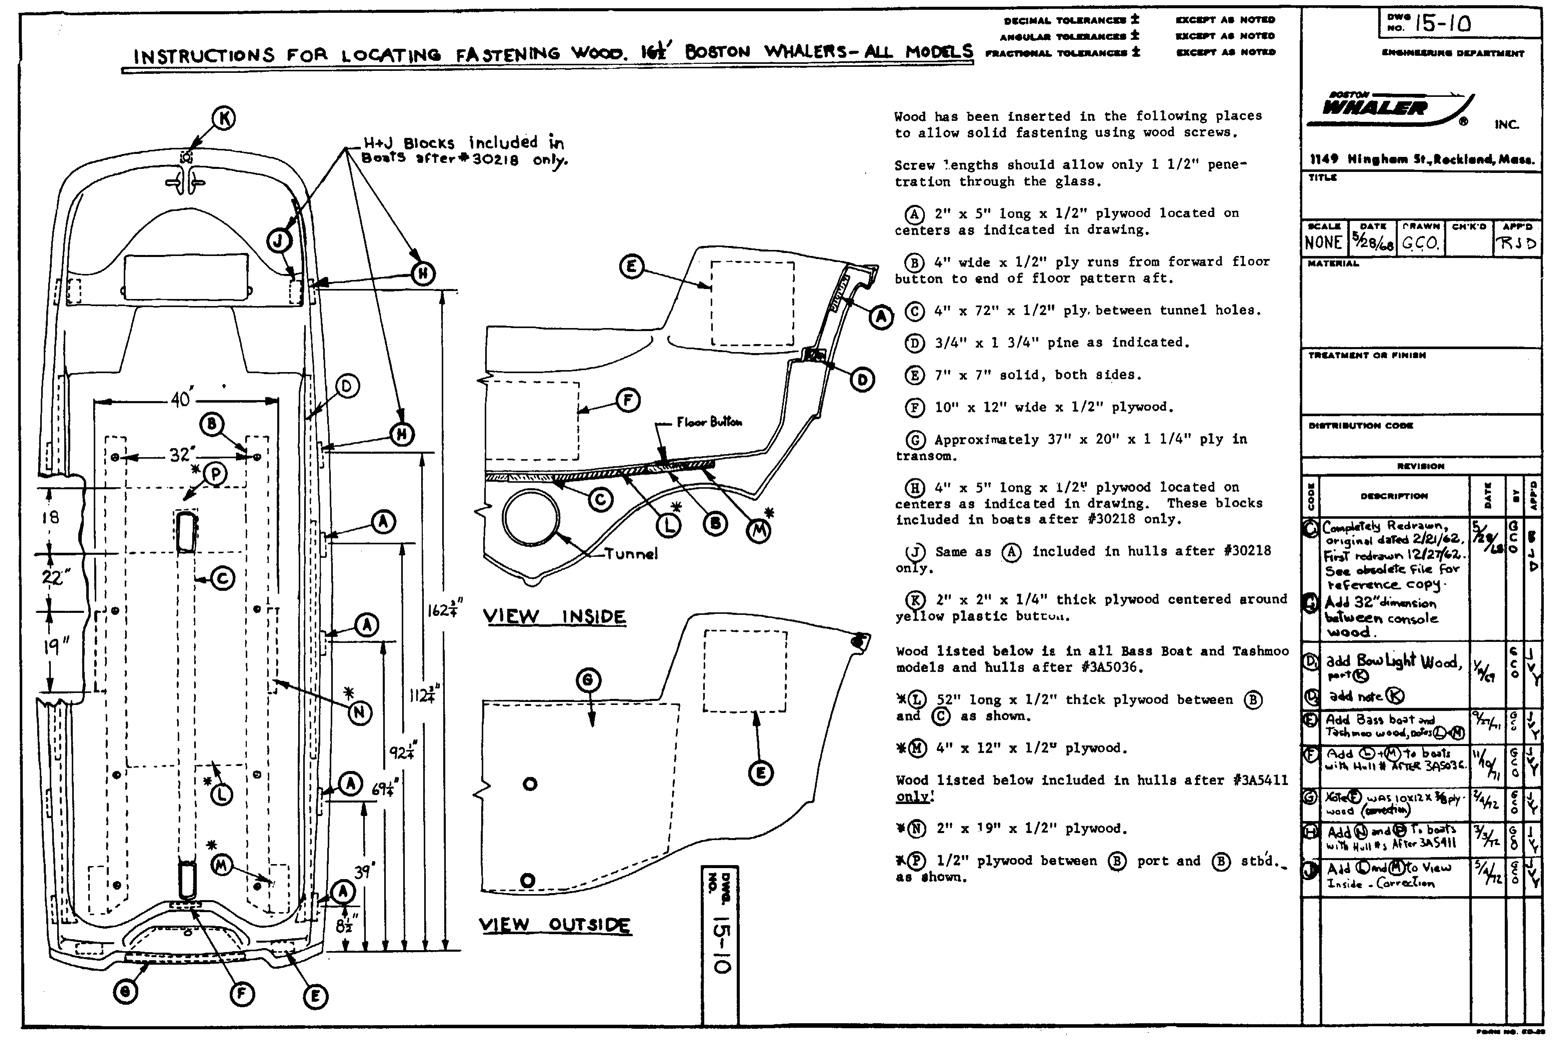 [DIAGRAM_1CA]  VY_0630] Boston Whaler Boat Wiring Diagram Schematic Wiring | Boston Whaler Boat Wiring Diagram |  | Embo Osuri Hendil Mohammedshrine Librar Wiring 101